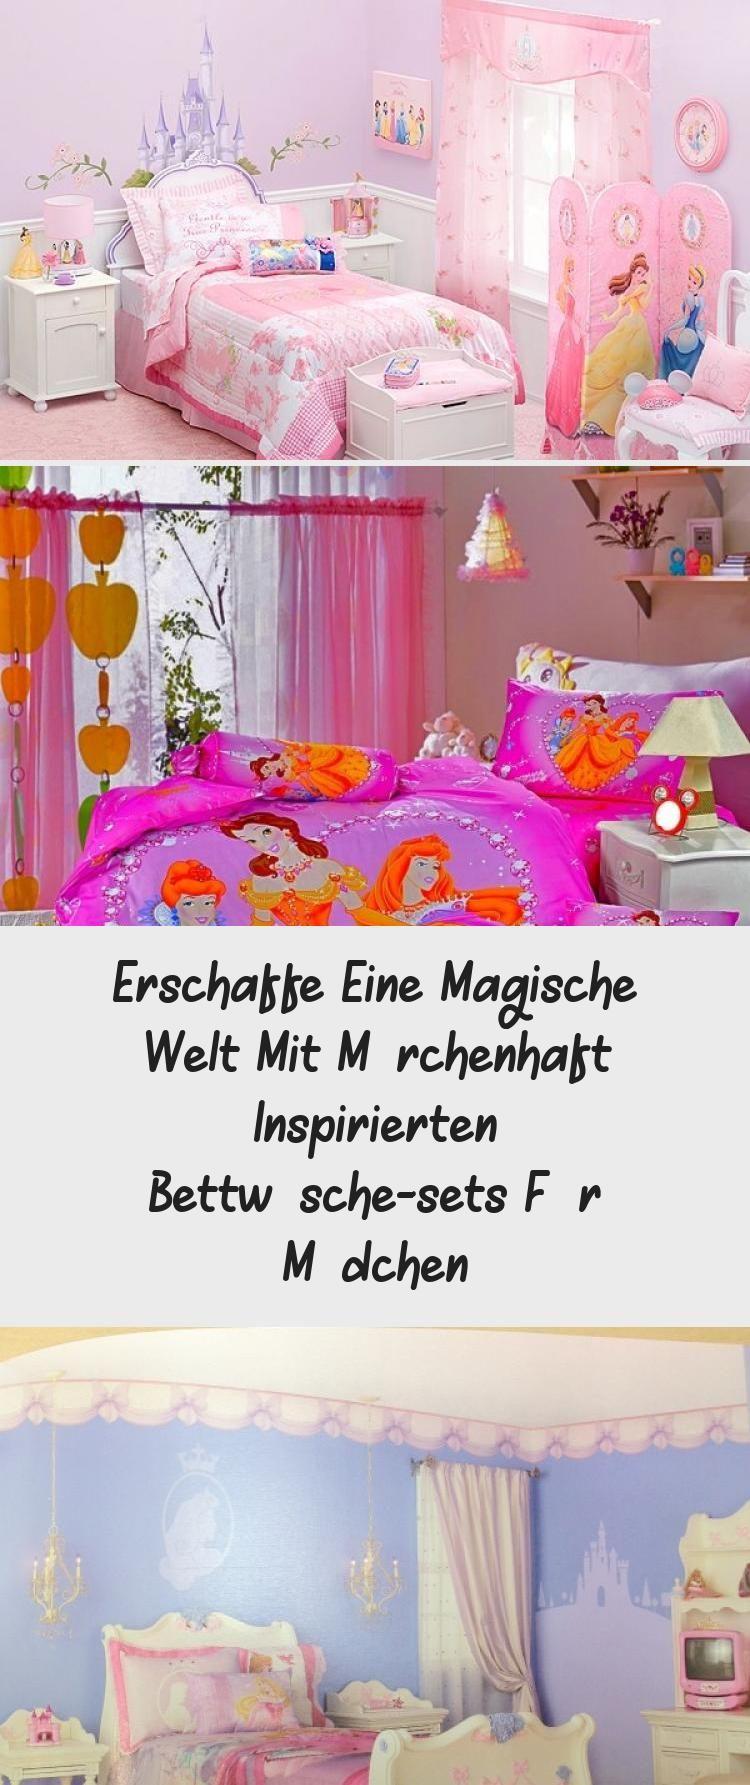 Erschaffe Eine Magische Welt Mit Marchenhaft Inspirierten Bettwasche Sets Fur Madchen Bettwasche Erschaffe Inspirierten In 2020 Home Decor Home Decor Decals Decor